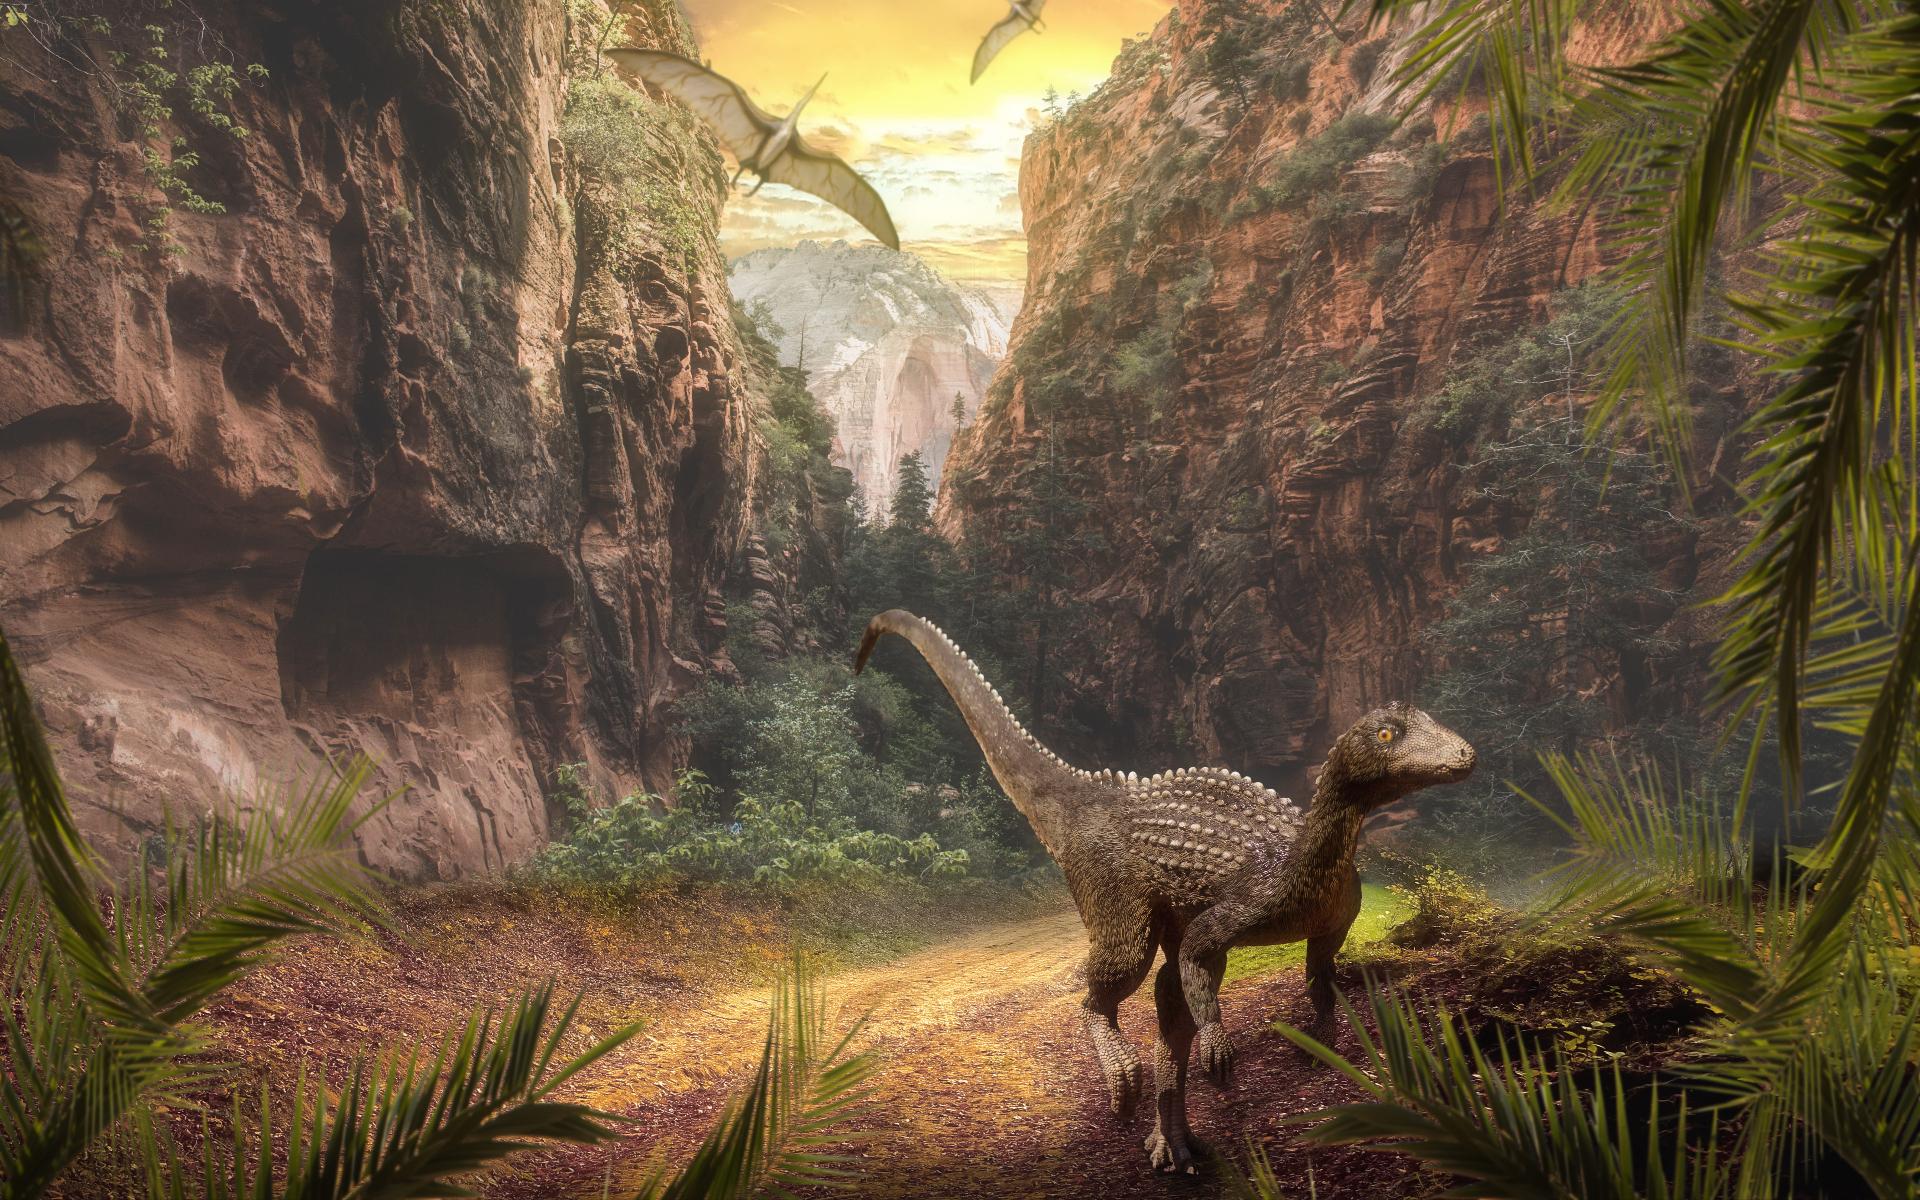 L'extinction des dinosaures causée par une météorite ? Non, le débat n'est pas clos